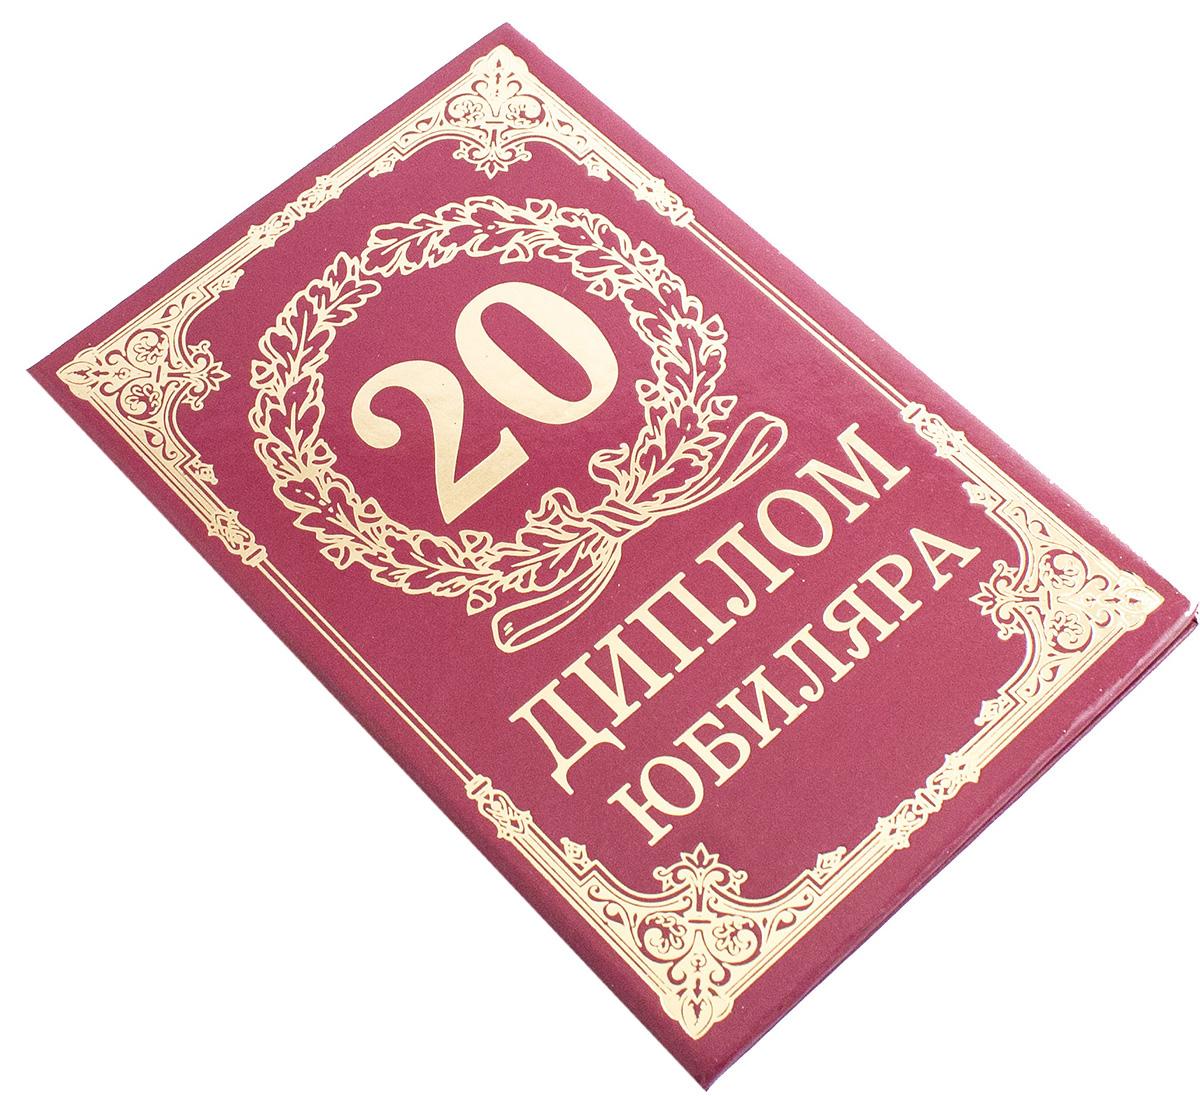 Диплом сувенирный Эврика 20 лет, A6, цвет: красный. 9374793747Диплом Эврика выполнен из картона, полиграфически оформлен и украшен золотым тиснением. Красочно декорированный наградной диплом с шутливым поздравлением станет прекрасным дополнением к подарку, подскажет идею застольной речи или тоста, поможет выразить теплые чувства к адресату.